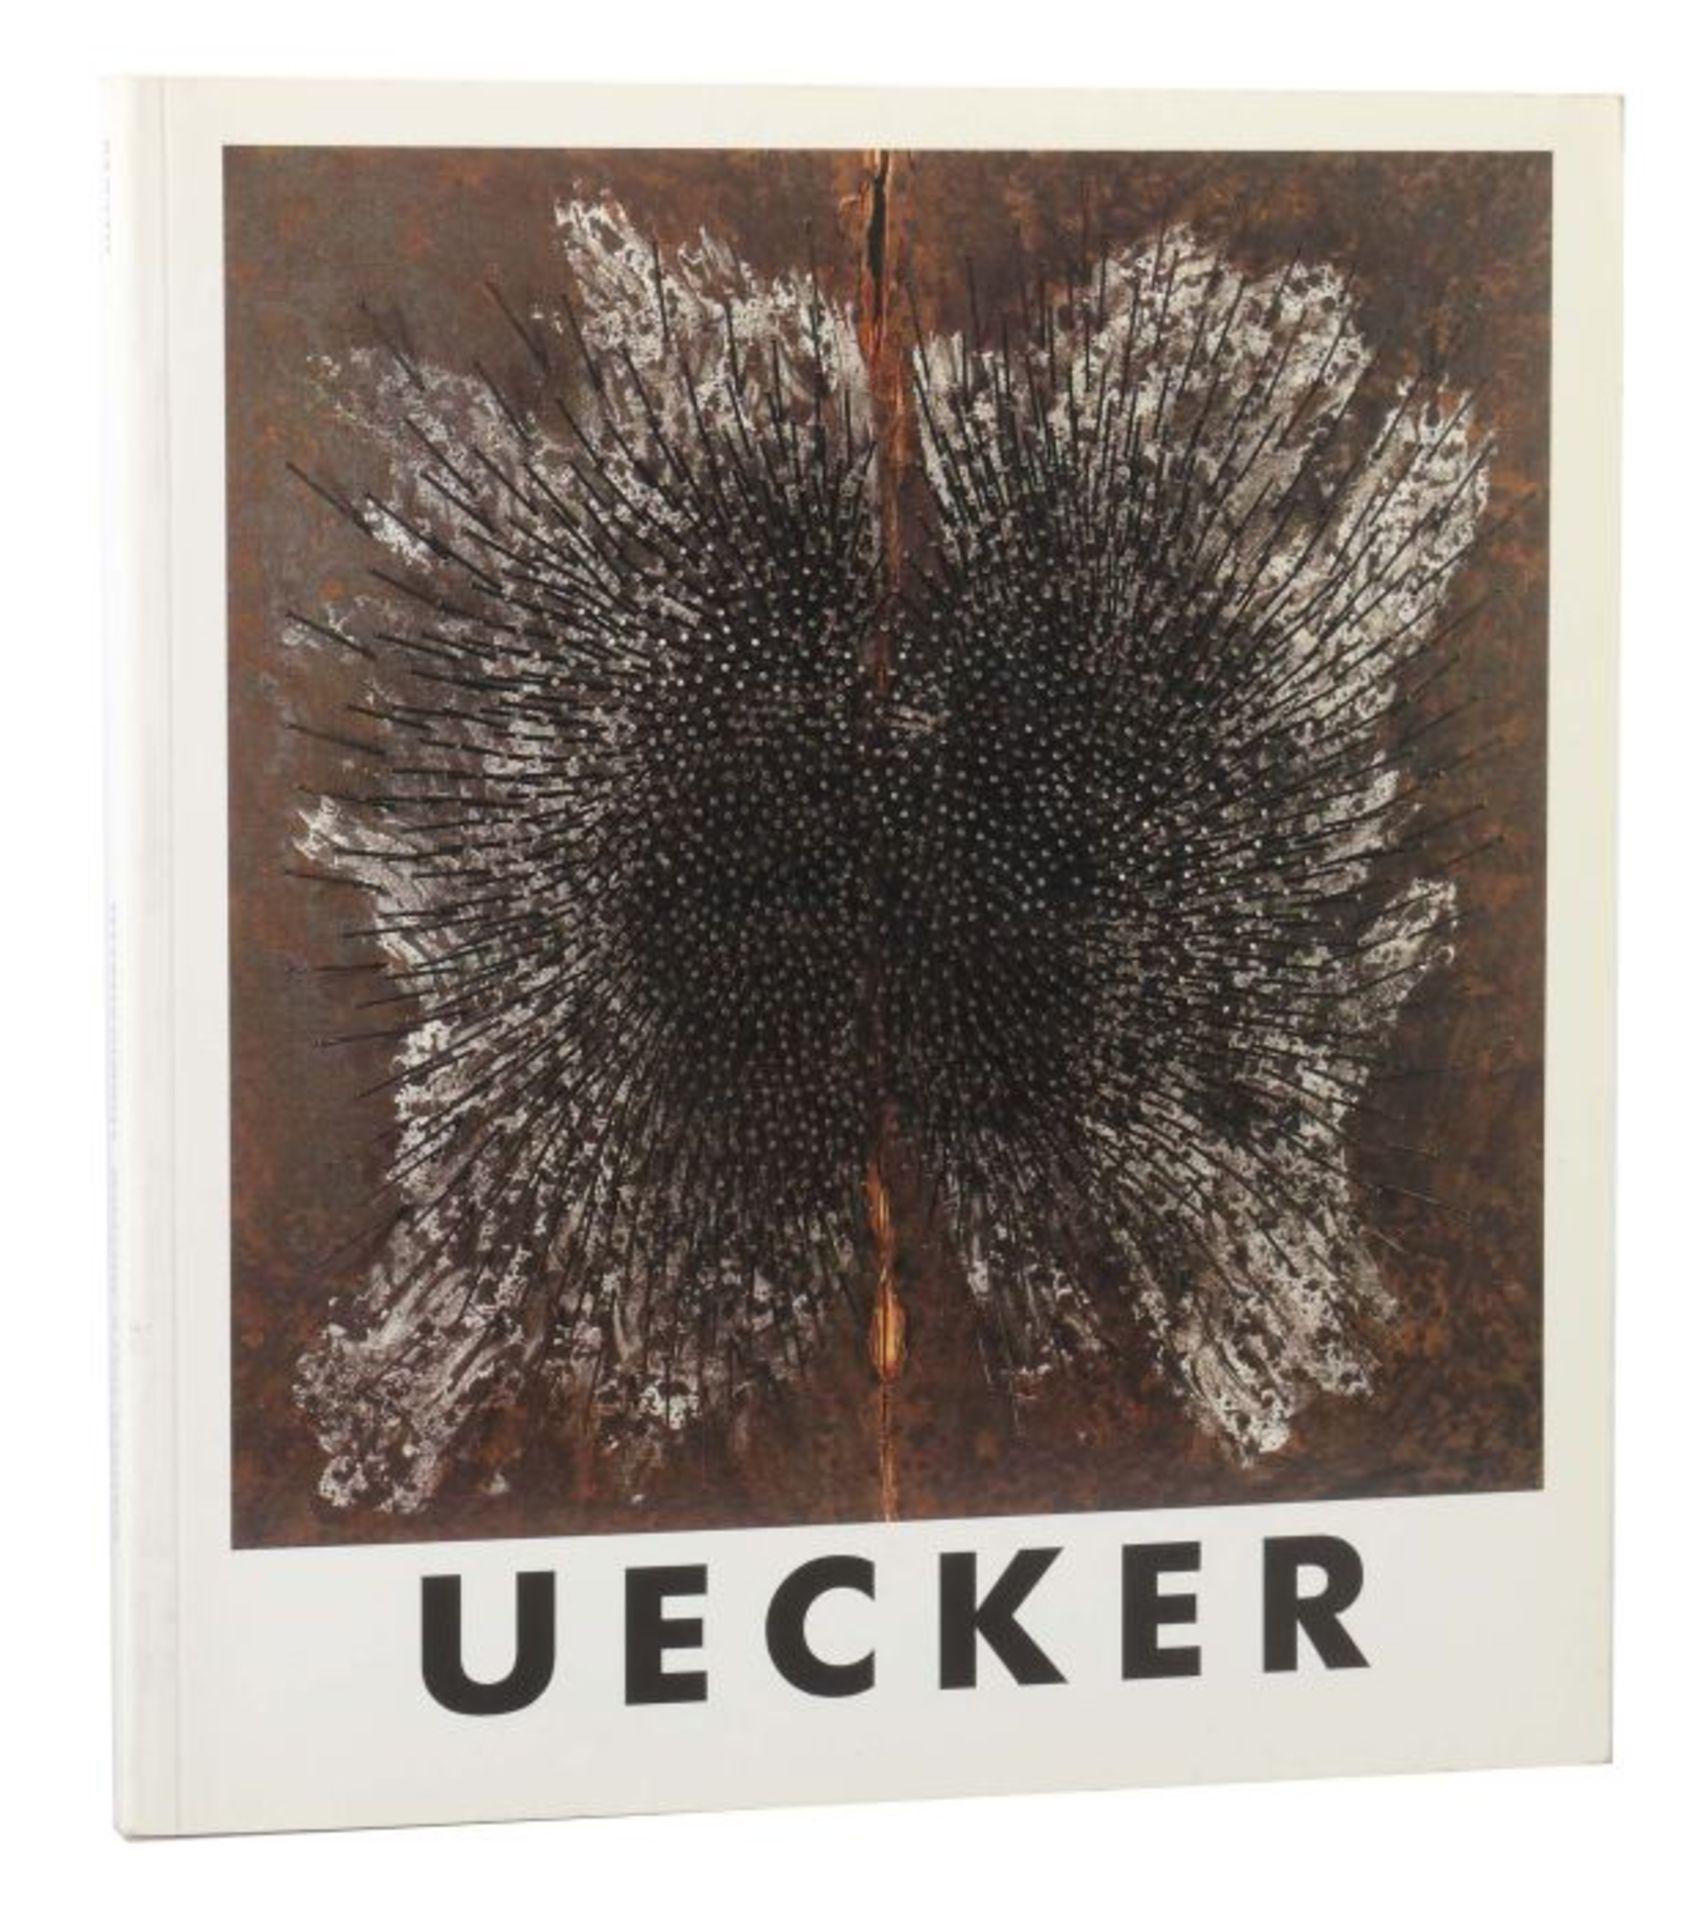 Signierter Ausstellungskatalog Günther Uecker UECKER - Wilhelm-Hack-Museum und Kunstverein